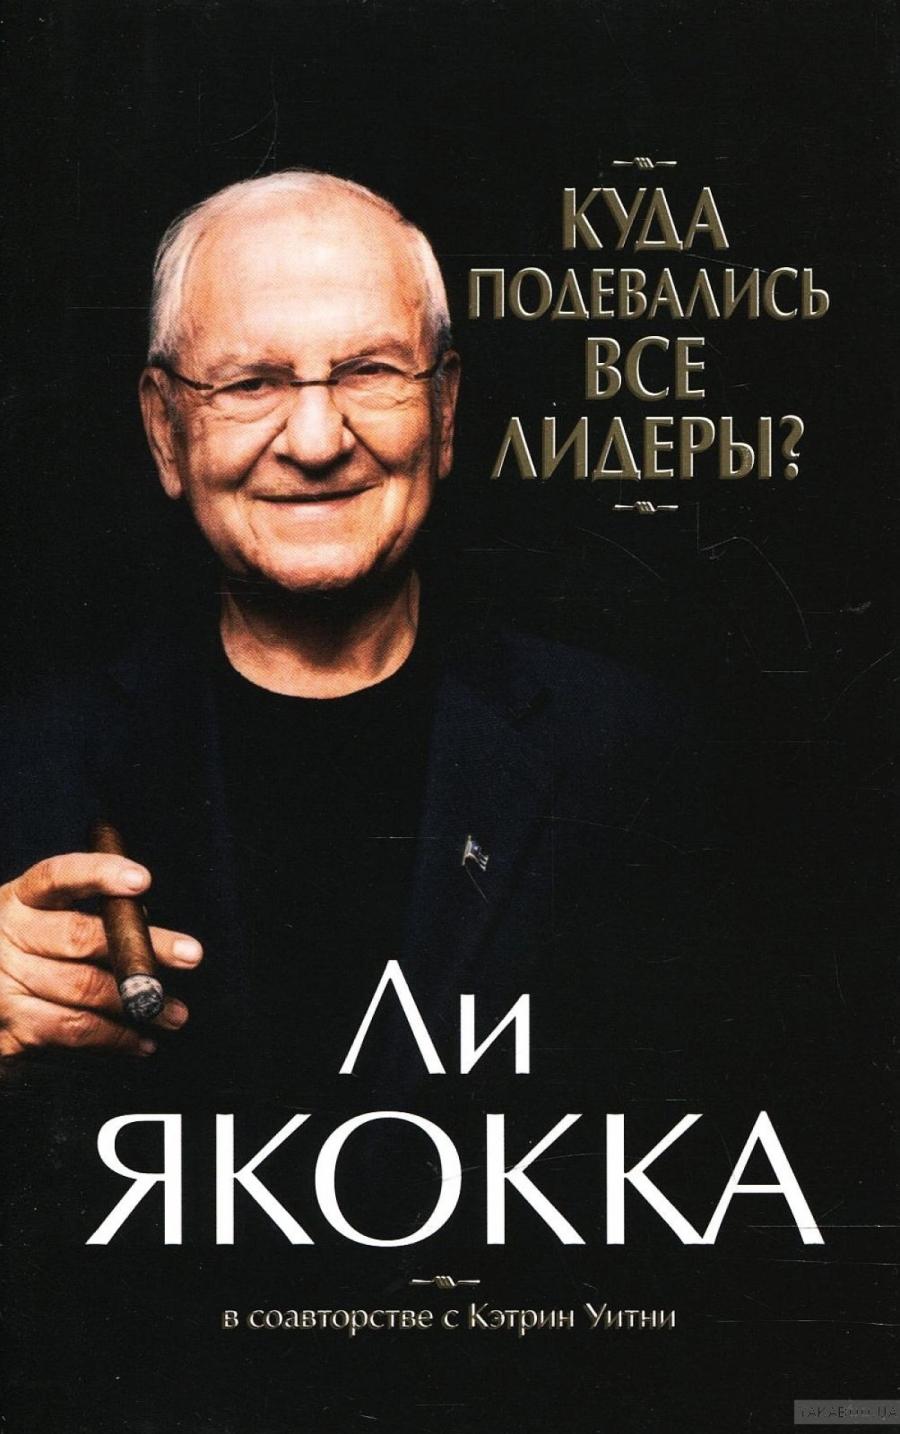 Обложка книги:  якокка л., уитни к. - куда подевались все лидеры